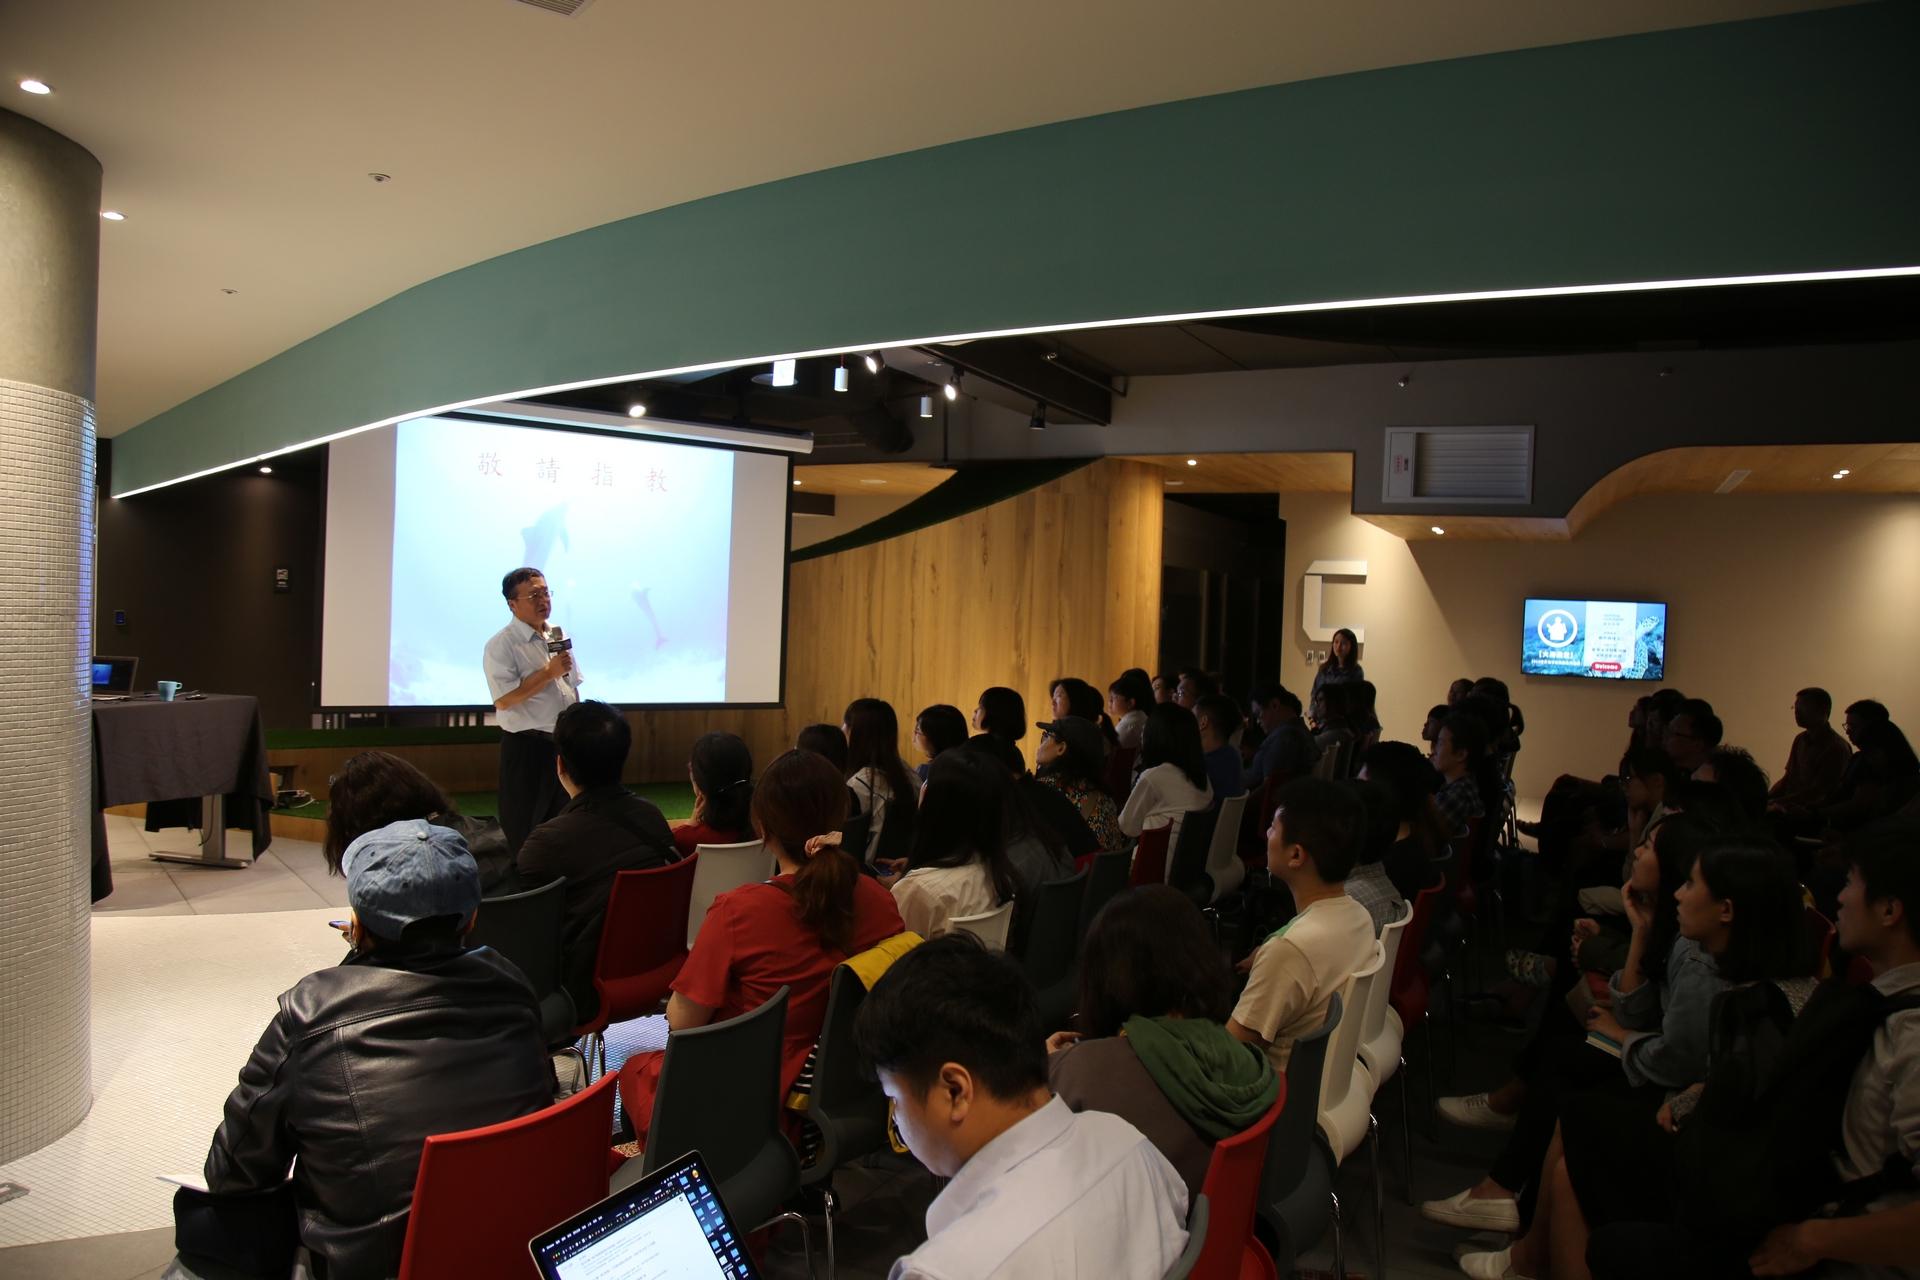 鄭明修老師分享了台灣海域現況、塑膠帶來的環境與生態問題、台灣海洋保育面臨的困境與難題、政府政策、經濟與保育之間的平衡等議題